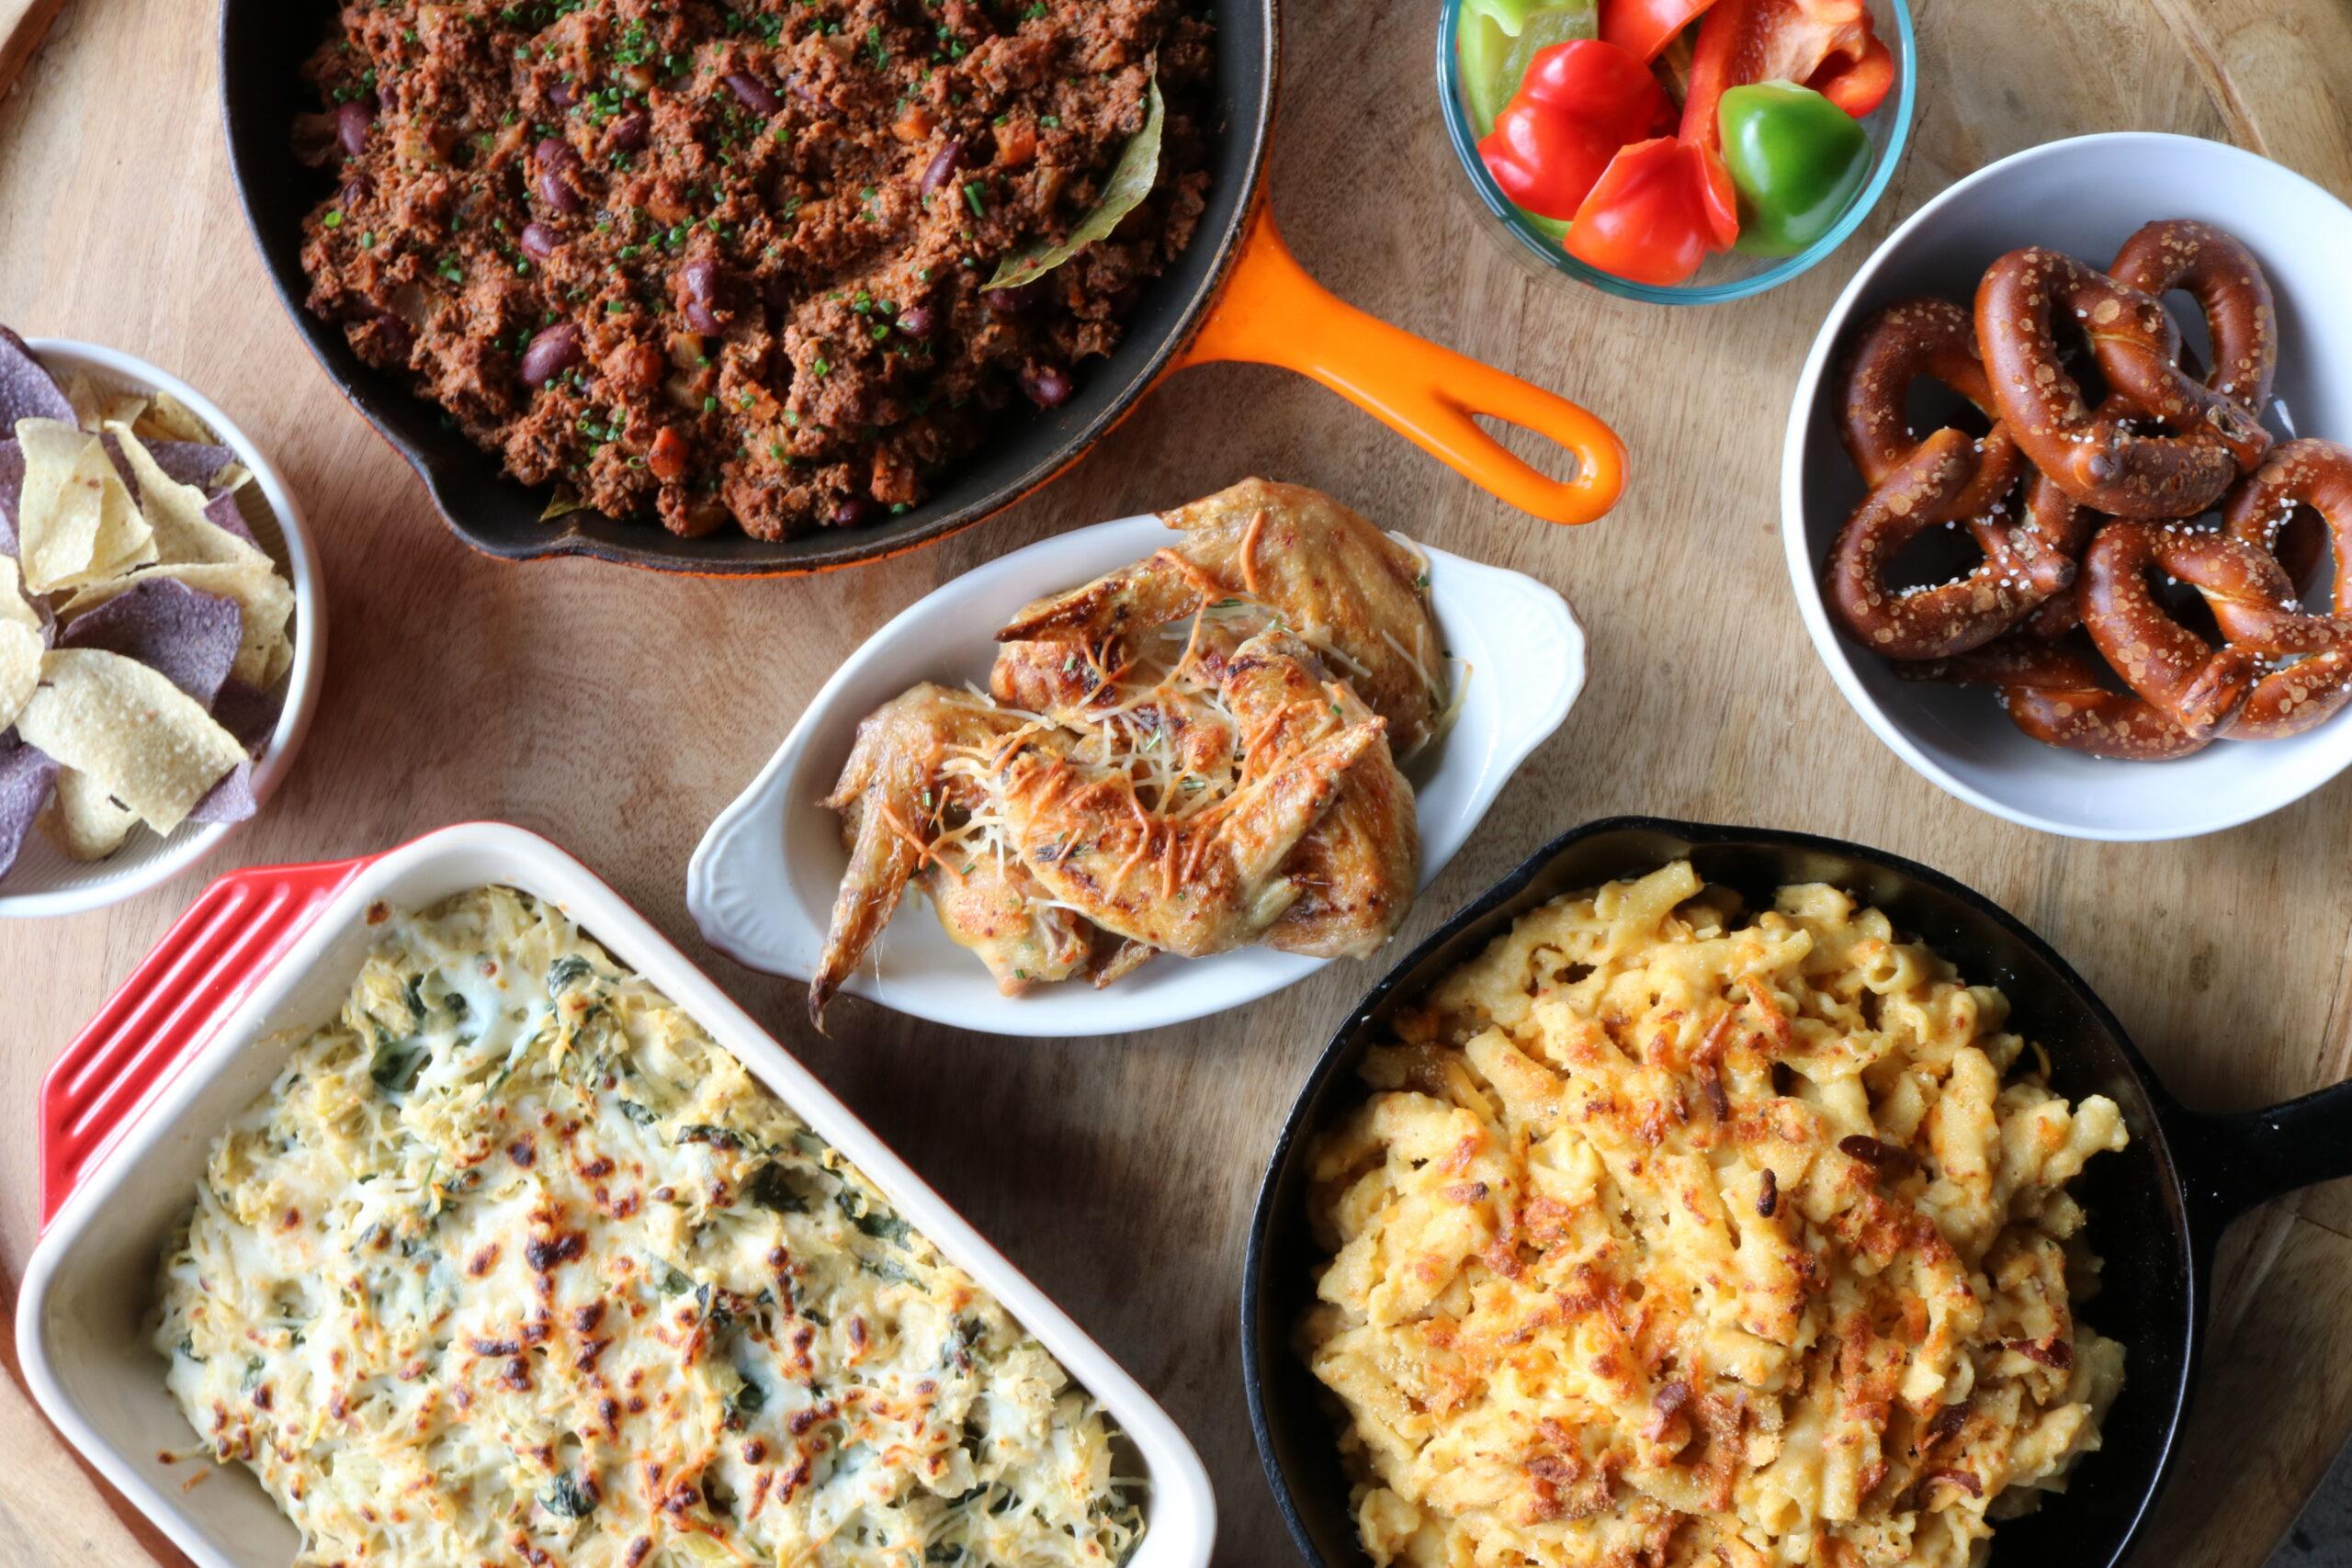 An Italian twist on Super Bowl Prepared Foods